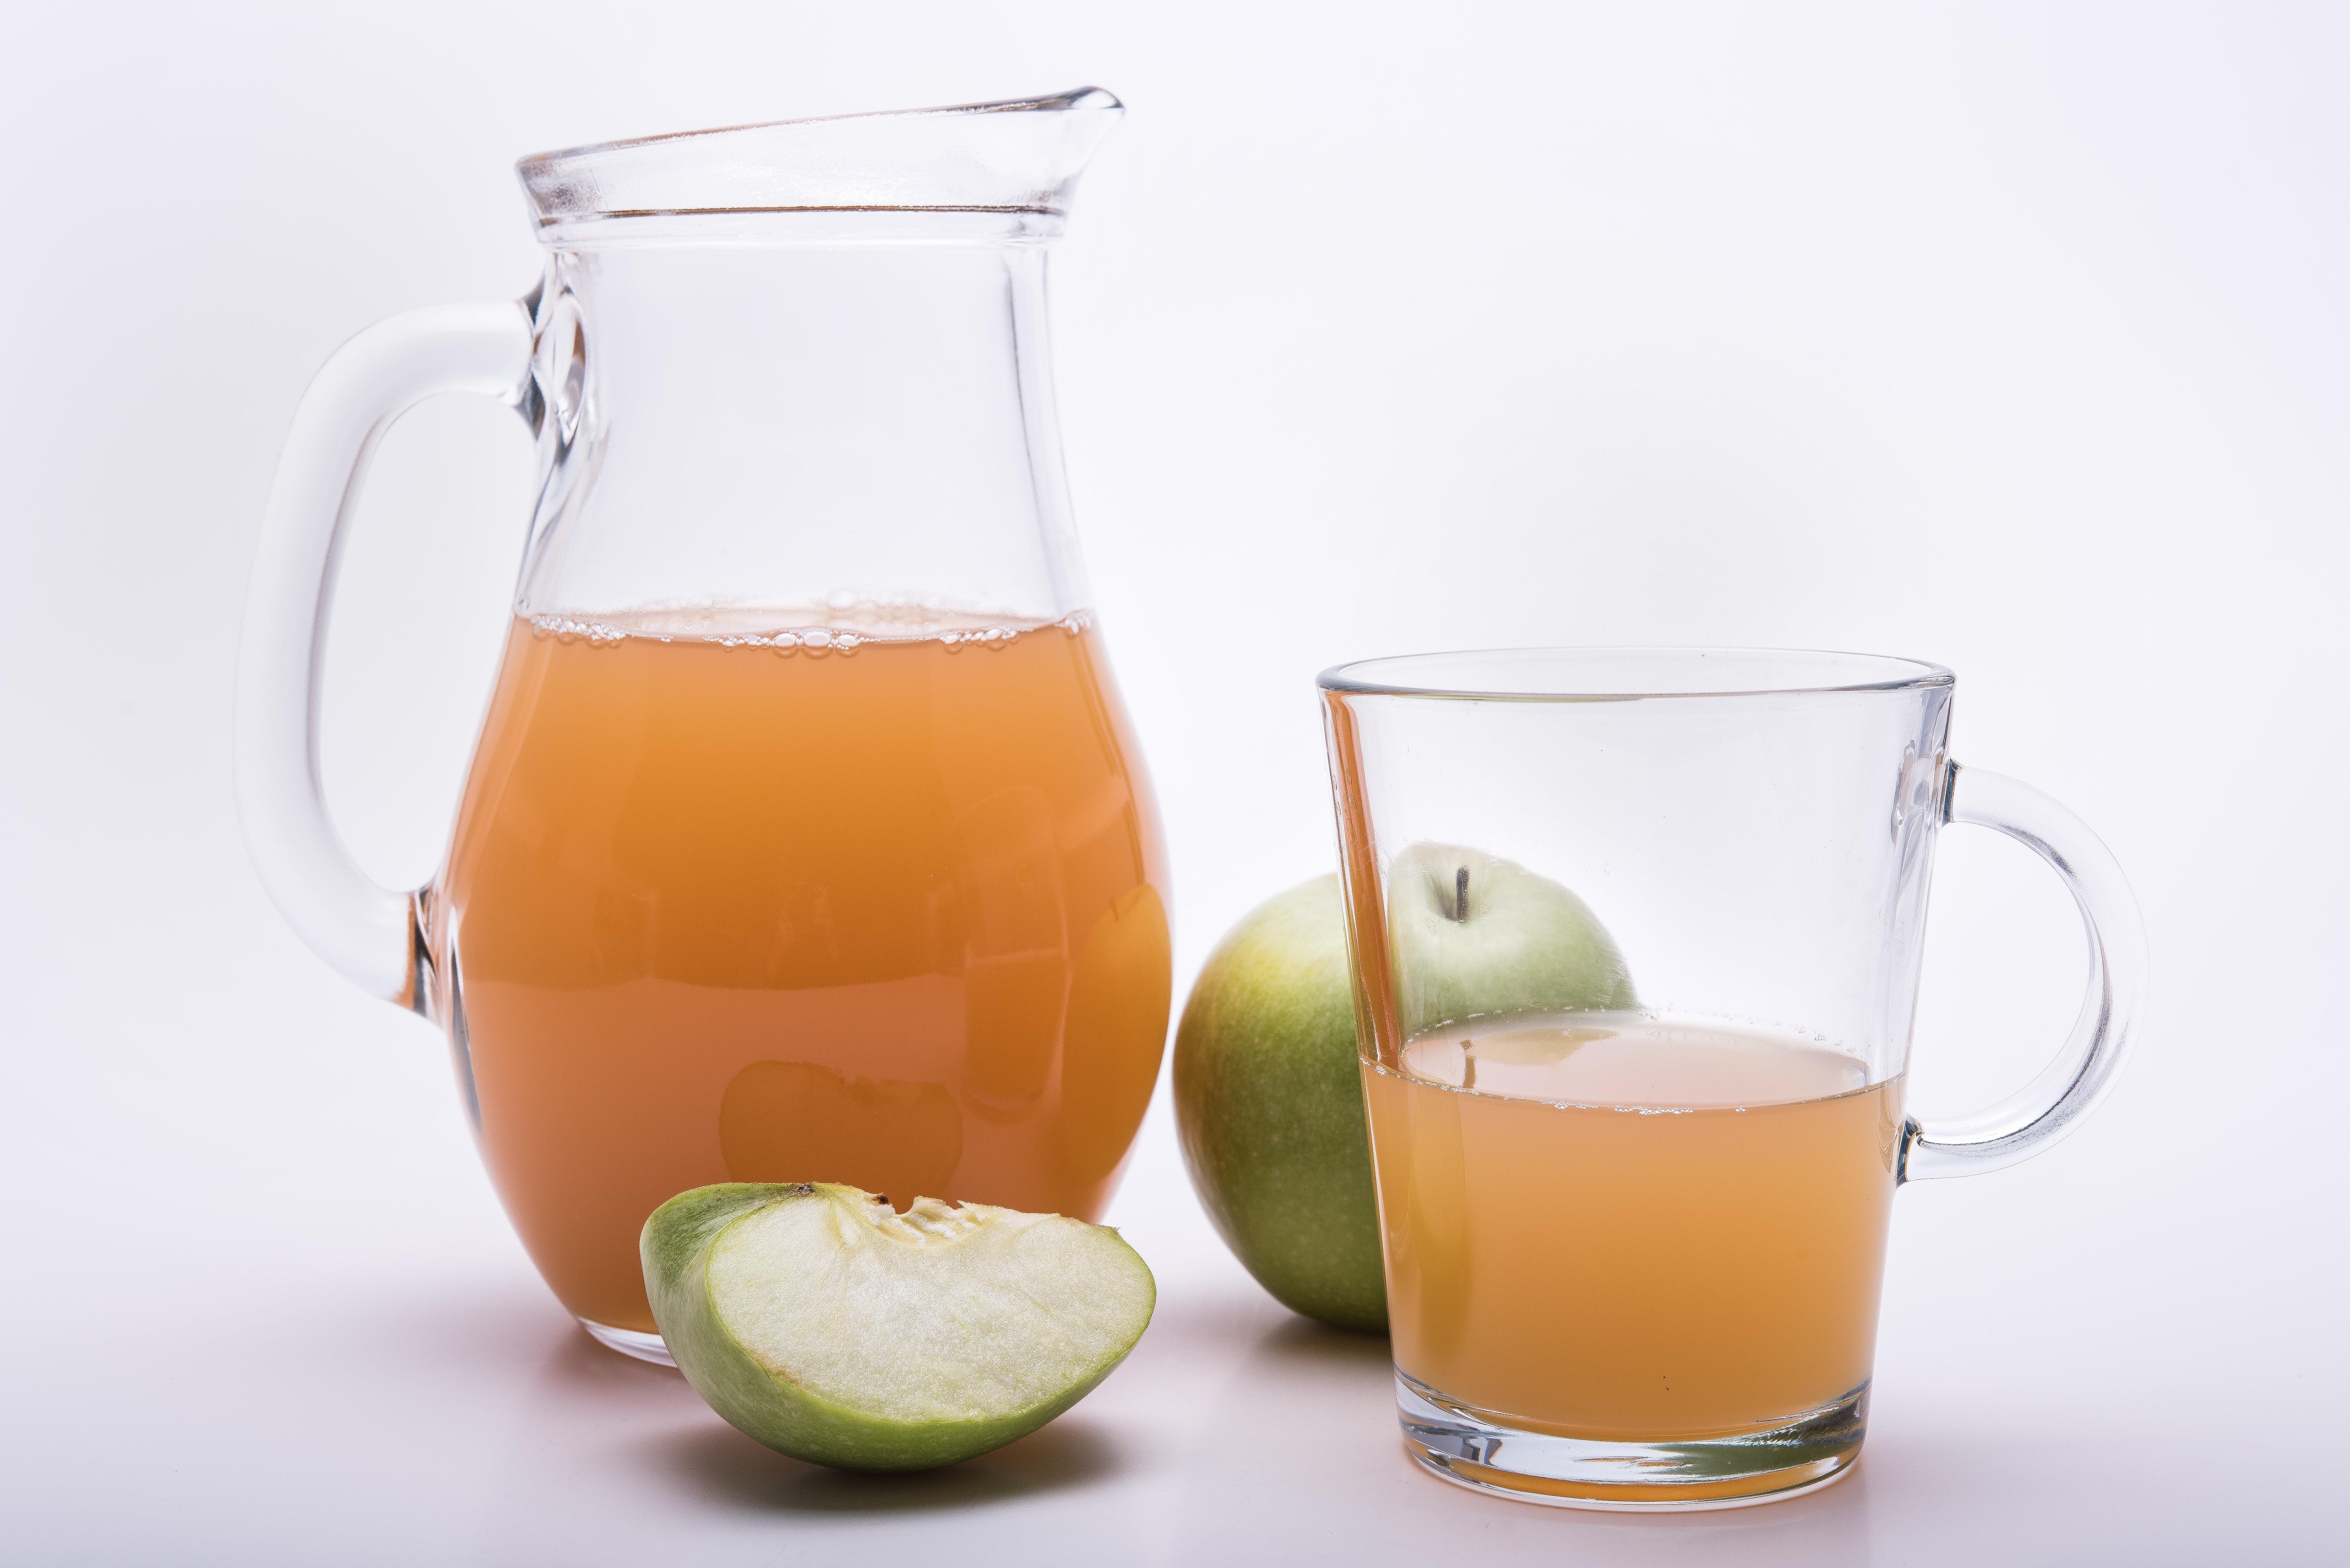 trüber Apfelsaft in einer Karaffe und in einem Glas